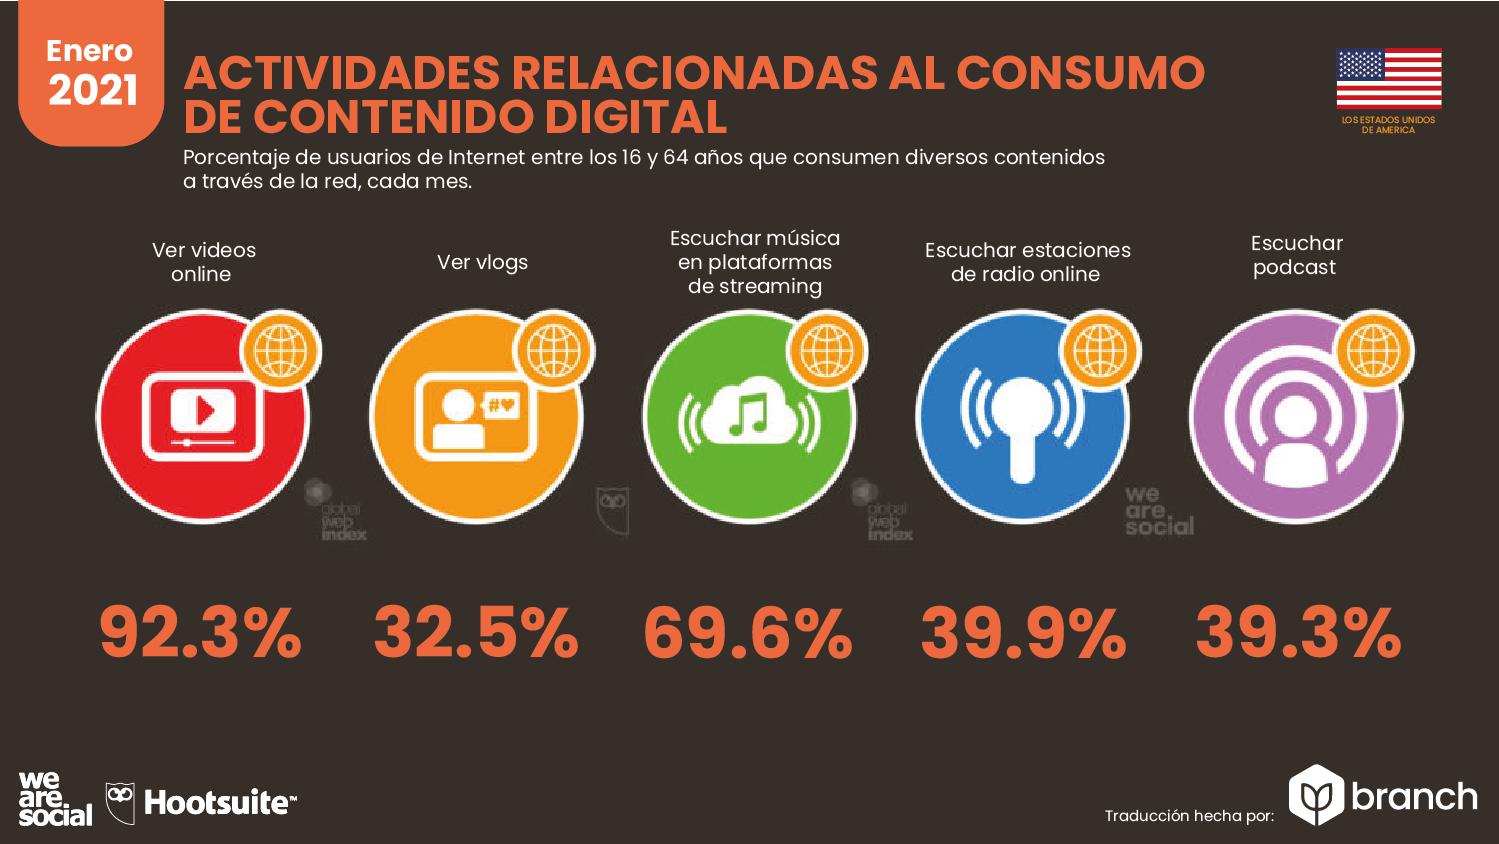 actividades-relacionadas-al-consumo-de-contenido-digital-usa-2020-2021